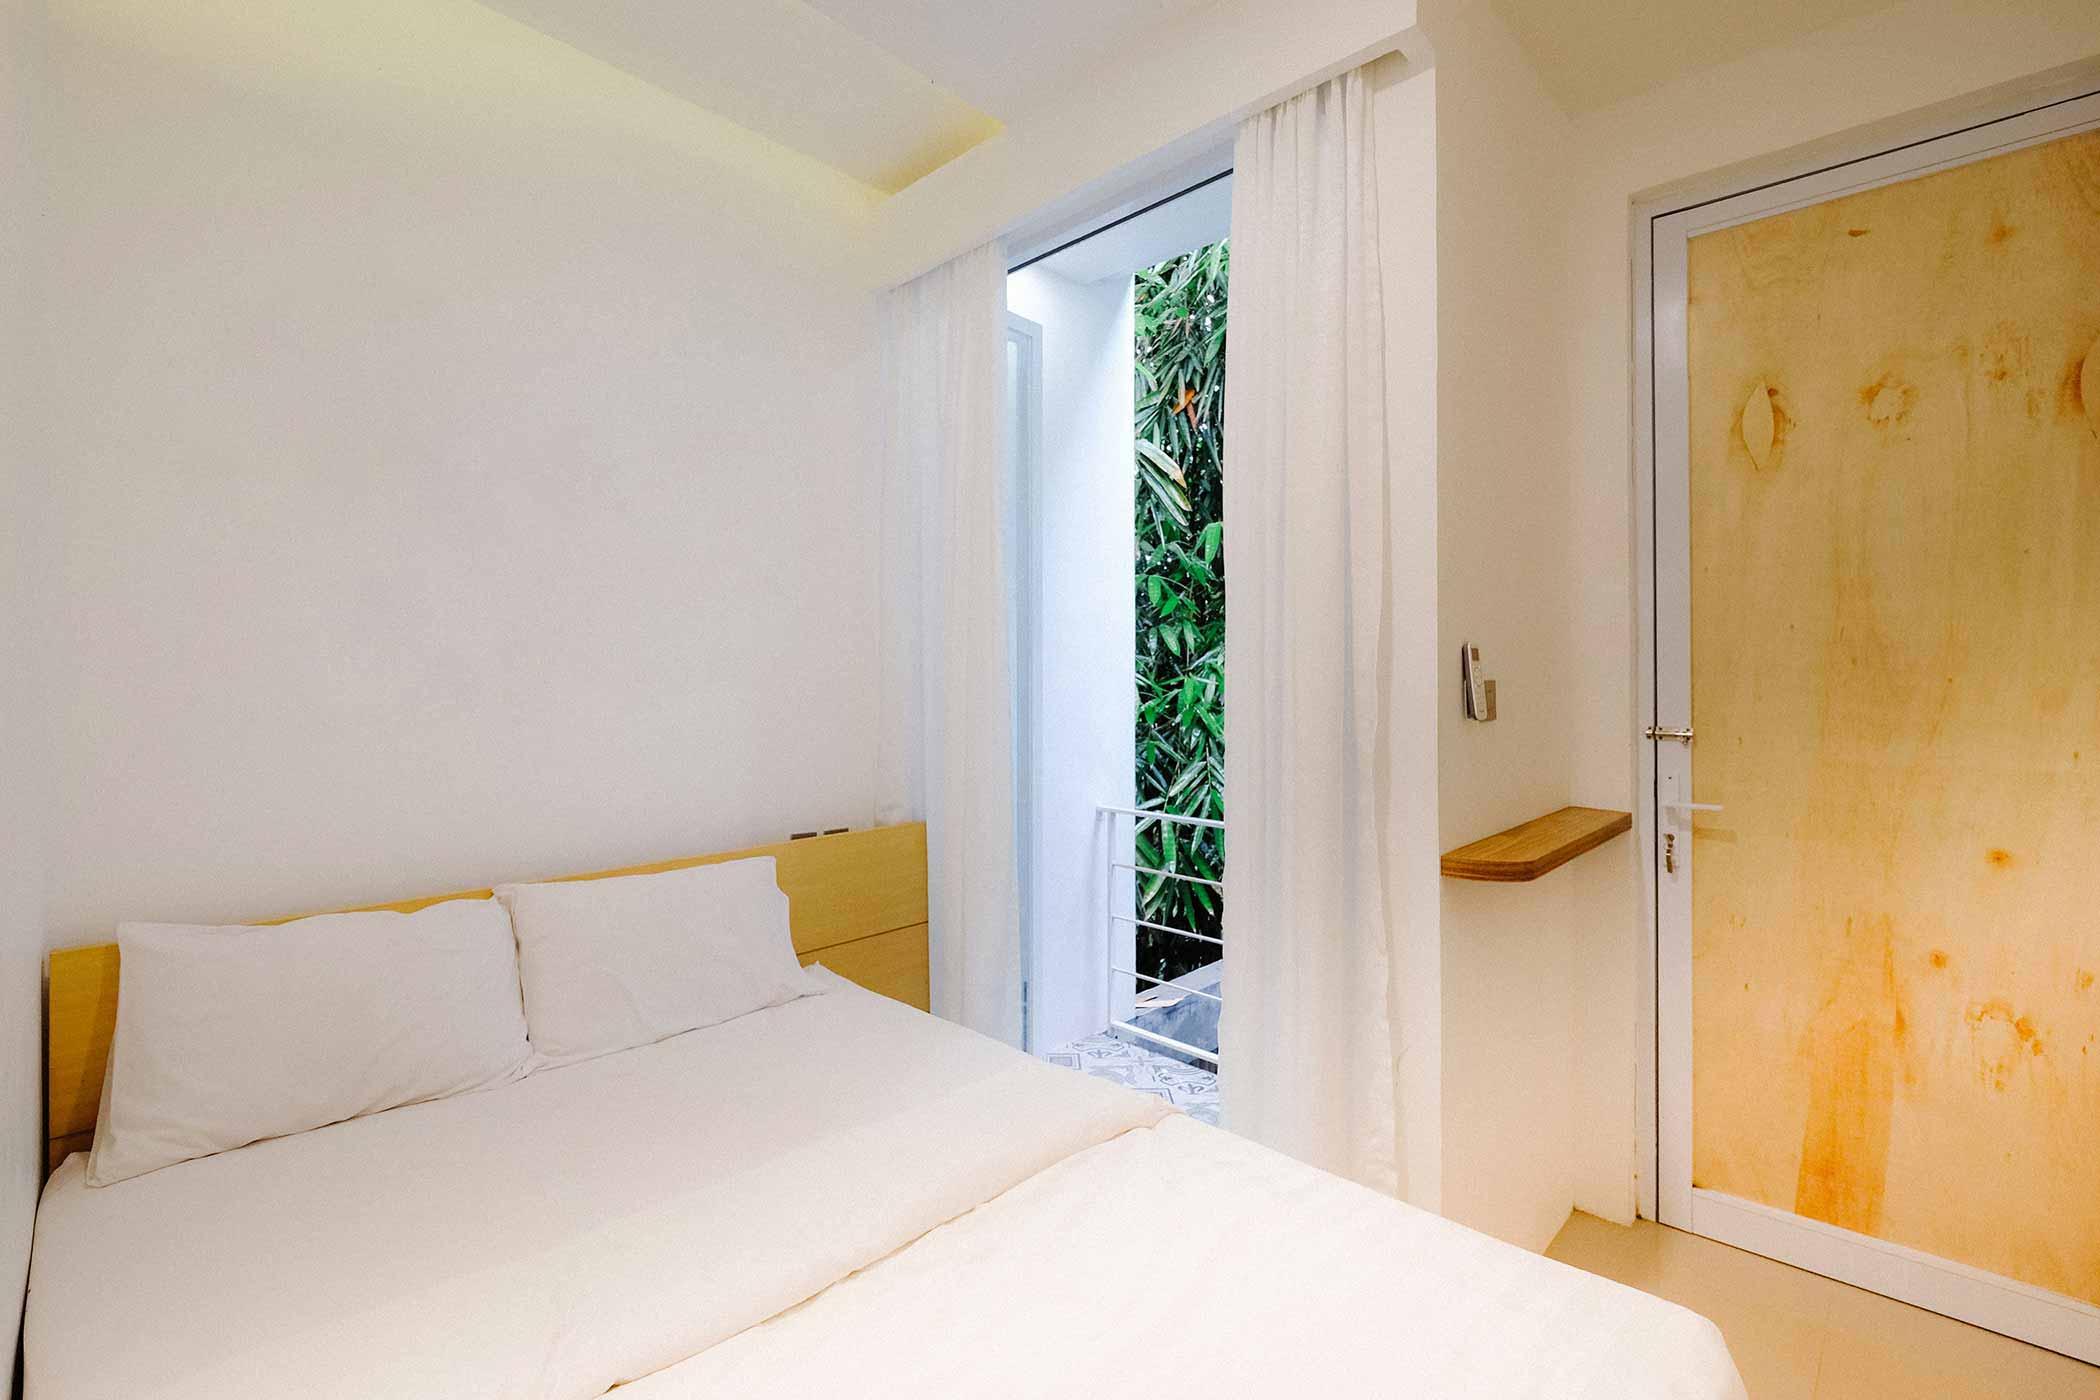 Kamar tidur berukuran pas untuk satu double bed // Ruangan ASA